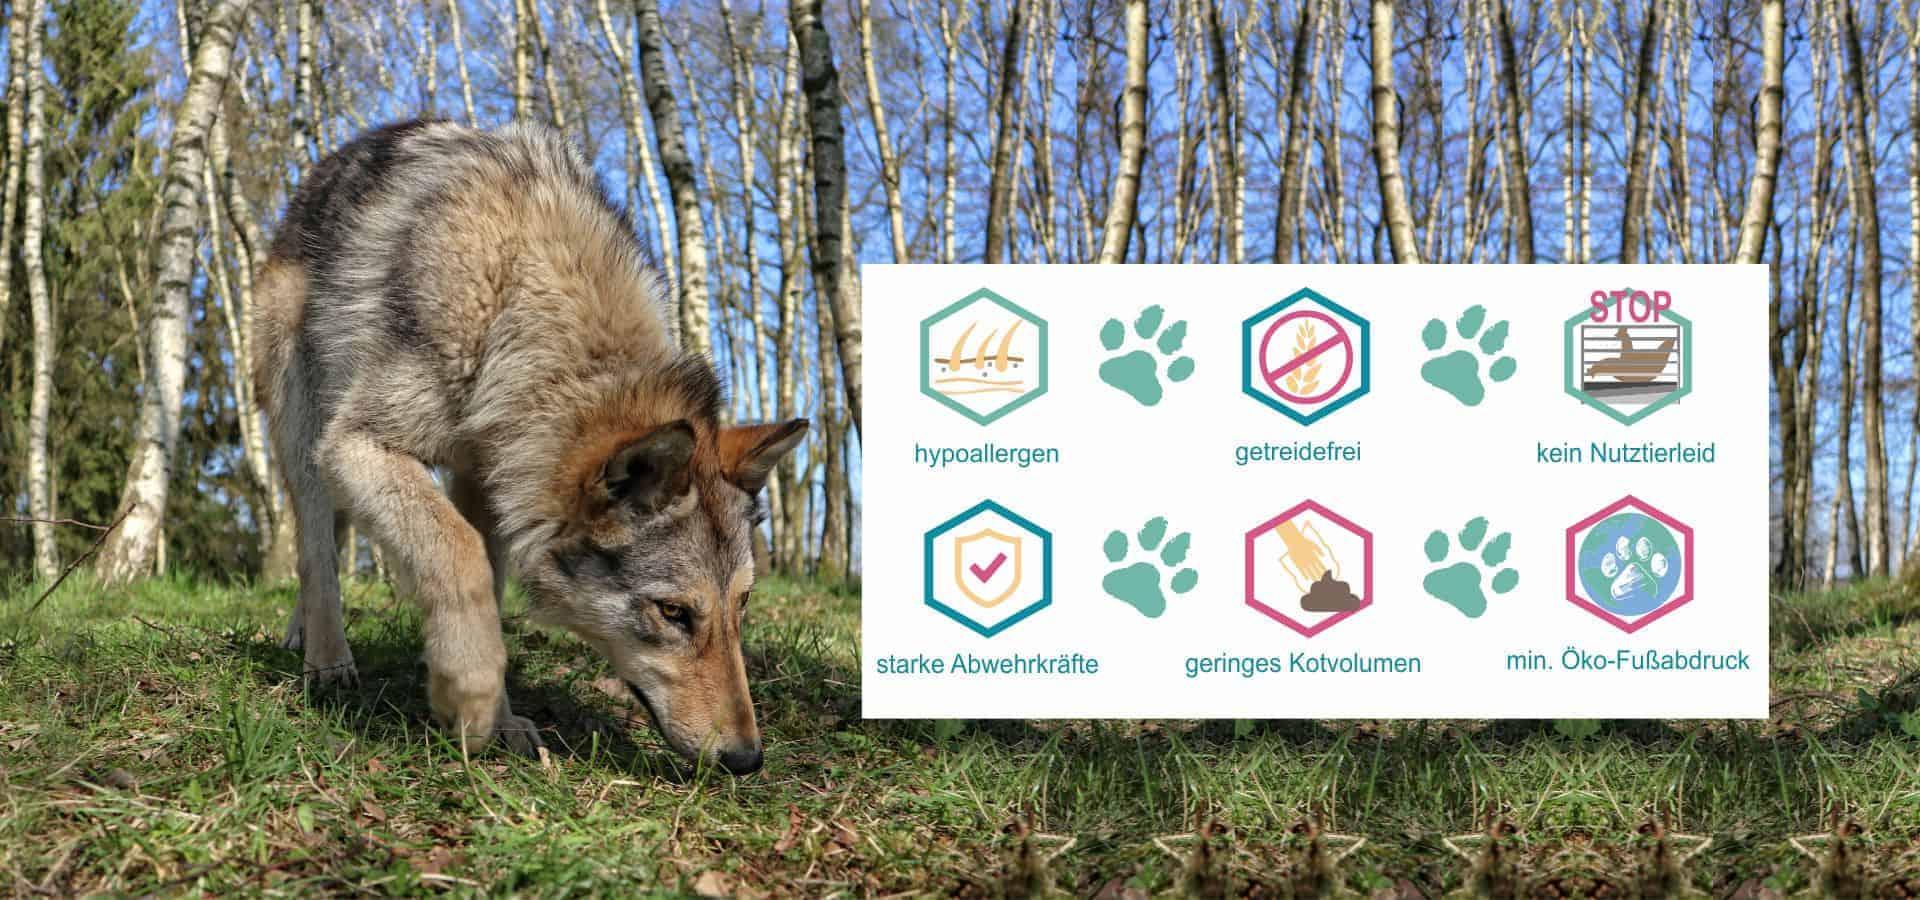 hundefutter insekten hypoallergen getreidefrei